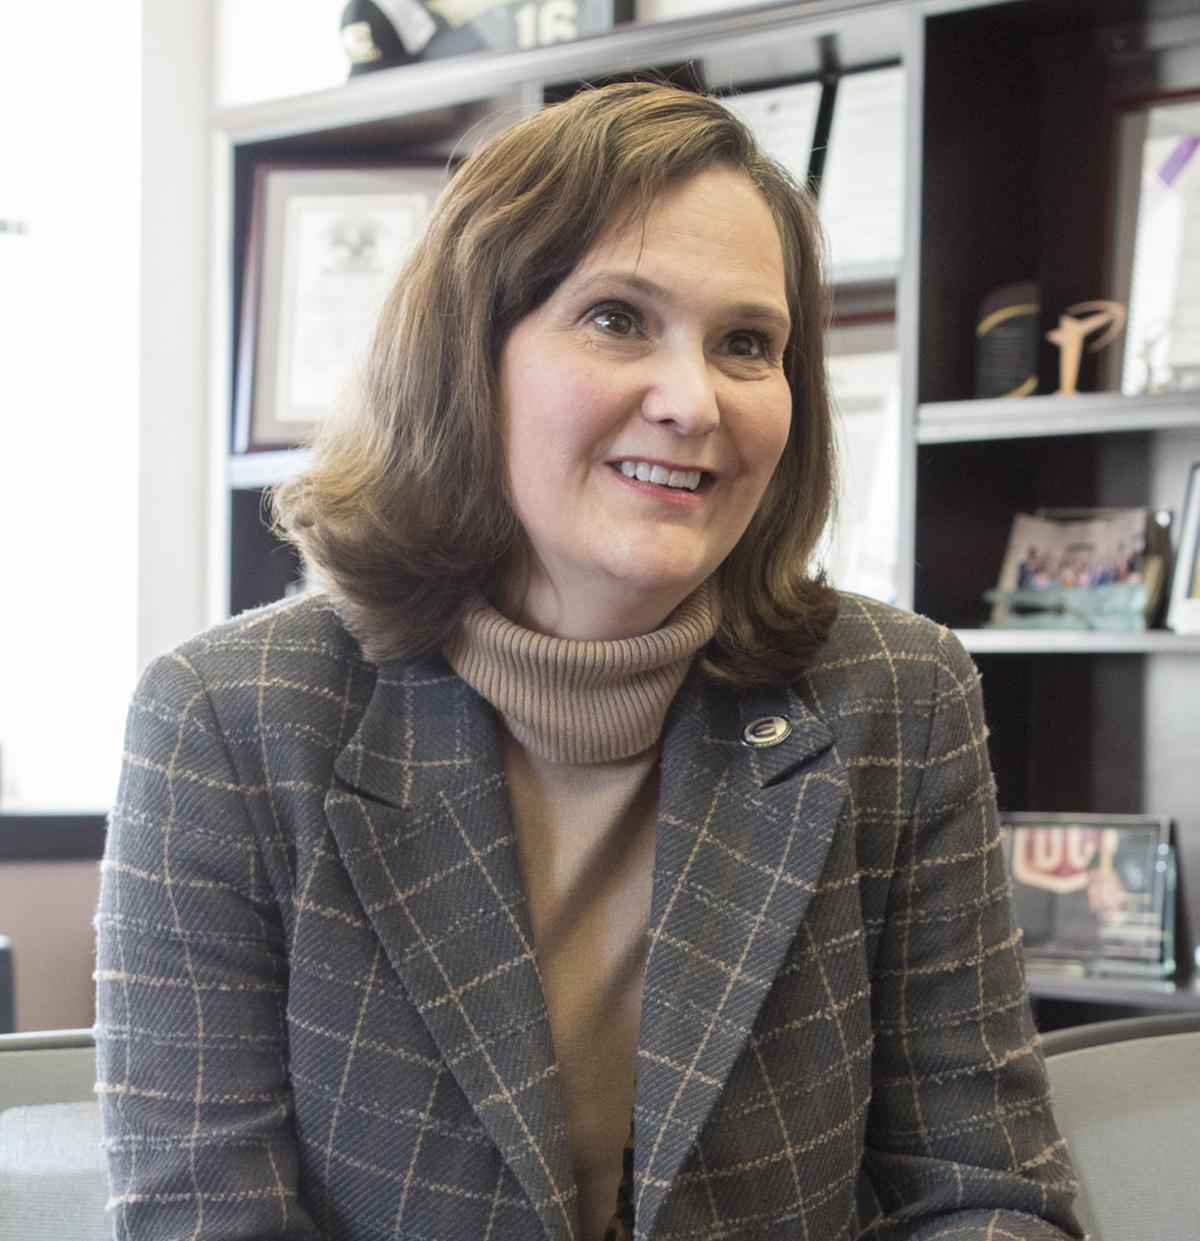 ESU President takes new position in Oklahoma